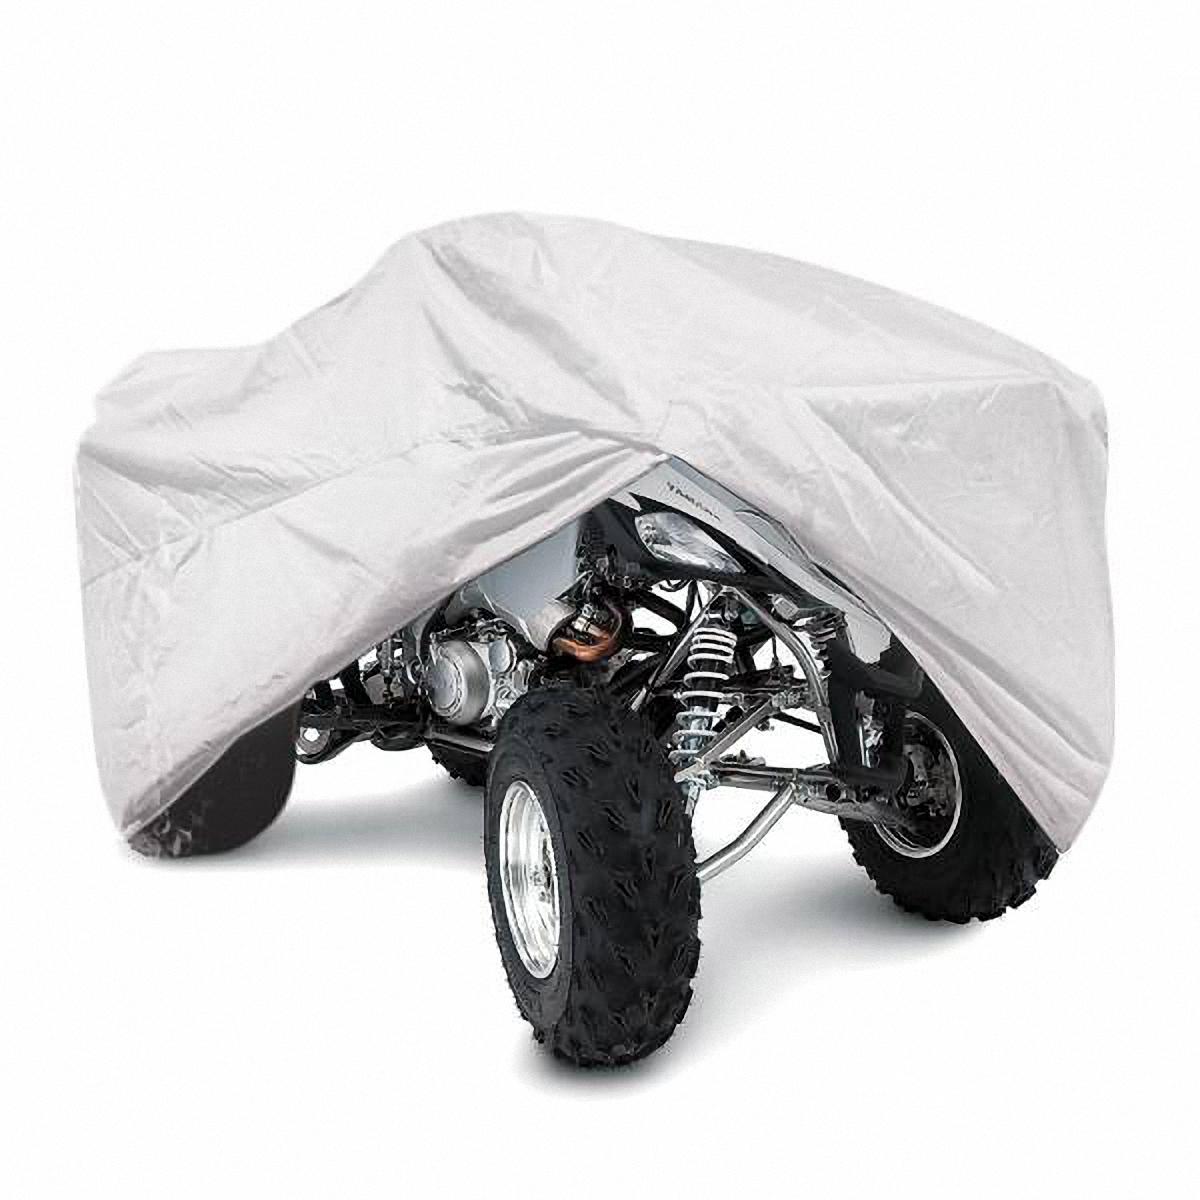 Чехол-тент на квадроцикл Skyway, 251 х 120 х 85 см. Размер XLS04403003Тент на квадроцикл позволит защитить кузов вашего транспортного средства от коррозии и загрязнений во время хранения или транспортировки, а вас избавит от необходимости его частого мытья. Чехол-тент предохраняет лакокрасочное покрытие кузова, стекла и фары вашего квадроцикла от воздействия прямых солнечных лучей и неблагоприятных погодных условий, загрязнений. Легко и быстро надевается на квадроцикл, не царапая и не повреждая его.Изготовлен из высококачественного полиэстера. В передней и задней части тента вшиты резинки, стягивающие его нижний край под передним и задним бамперами. Обладает высокой влаго- и износостойкостью. Обладает светоотражающими и пылезащитными свойствами. Выдерживает как низкие, так и высокие температуры. Воздухопроницаемый материал. Состав: полиэстер. Размер: 251 х 120 х 85 см.